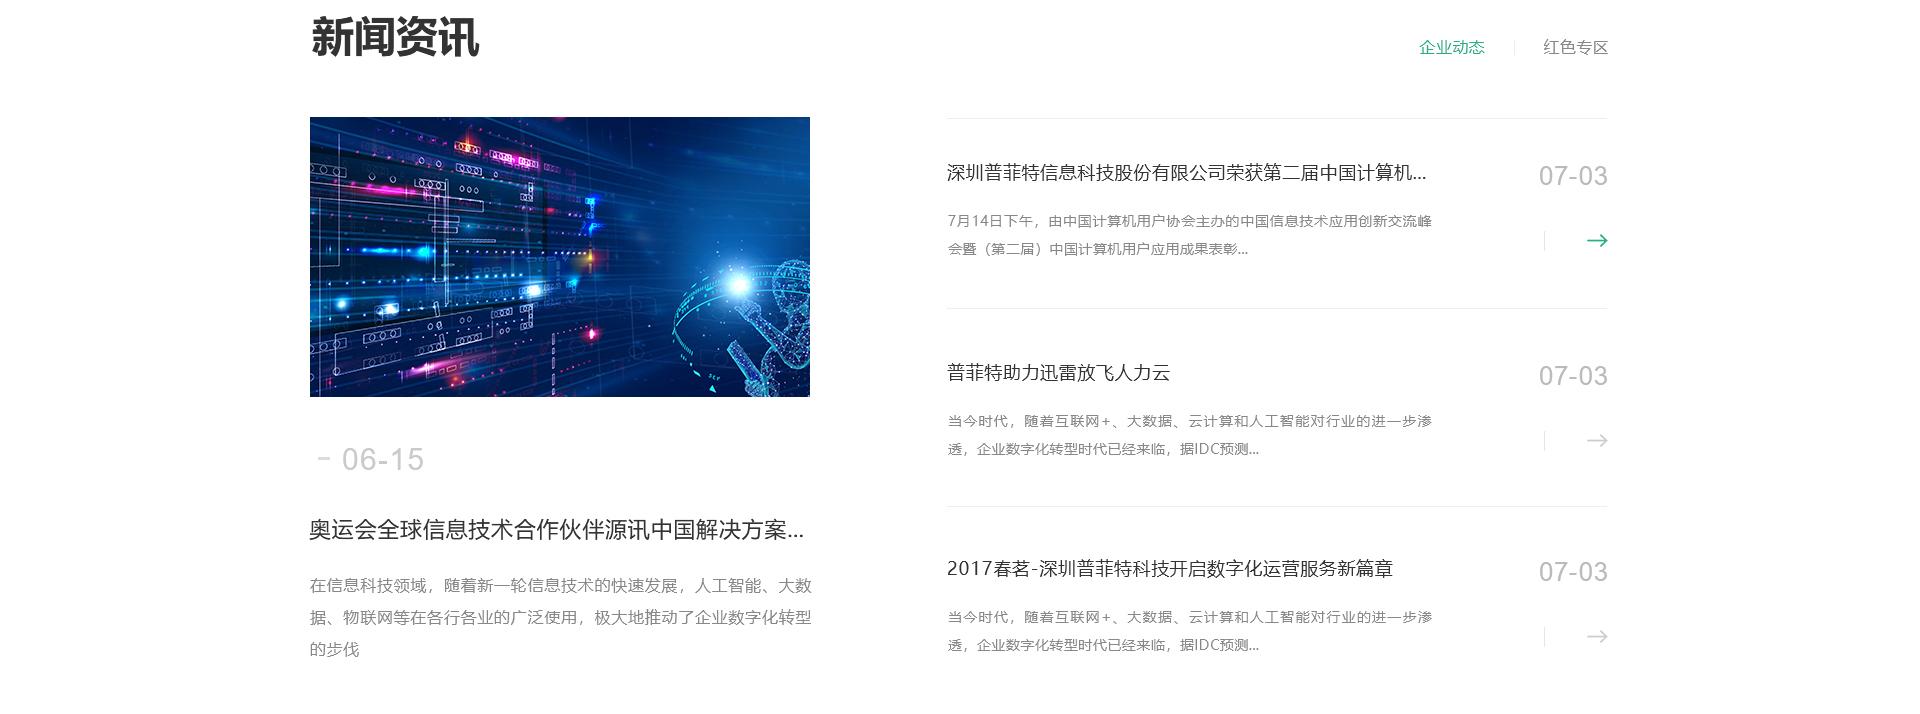 普菲特信息科技_信息行业网站_企业网站